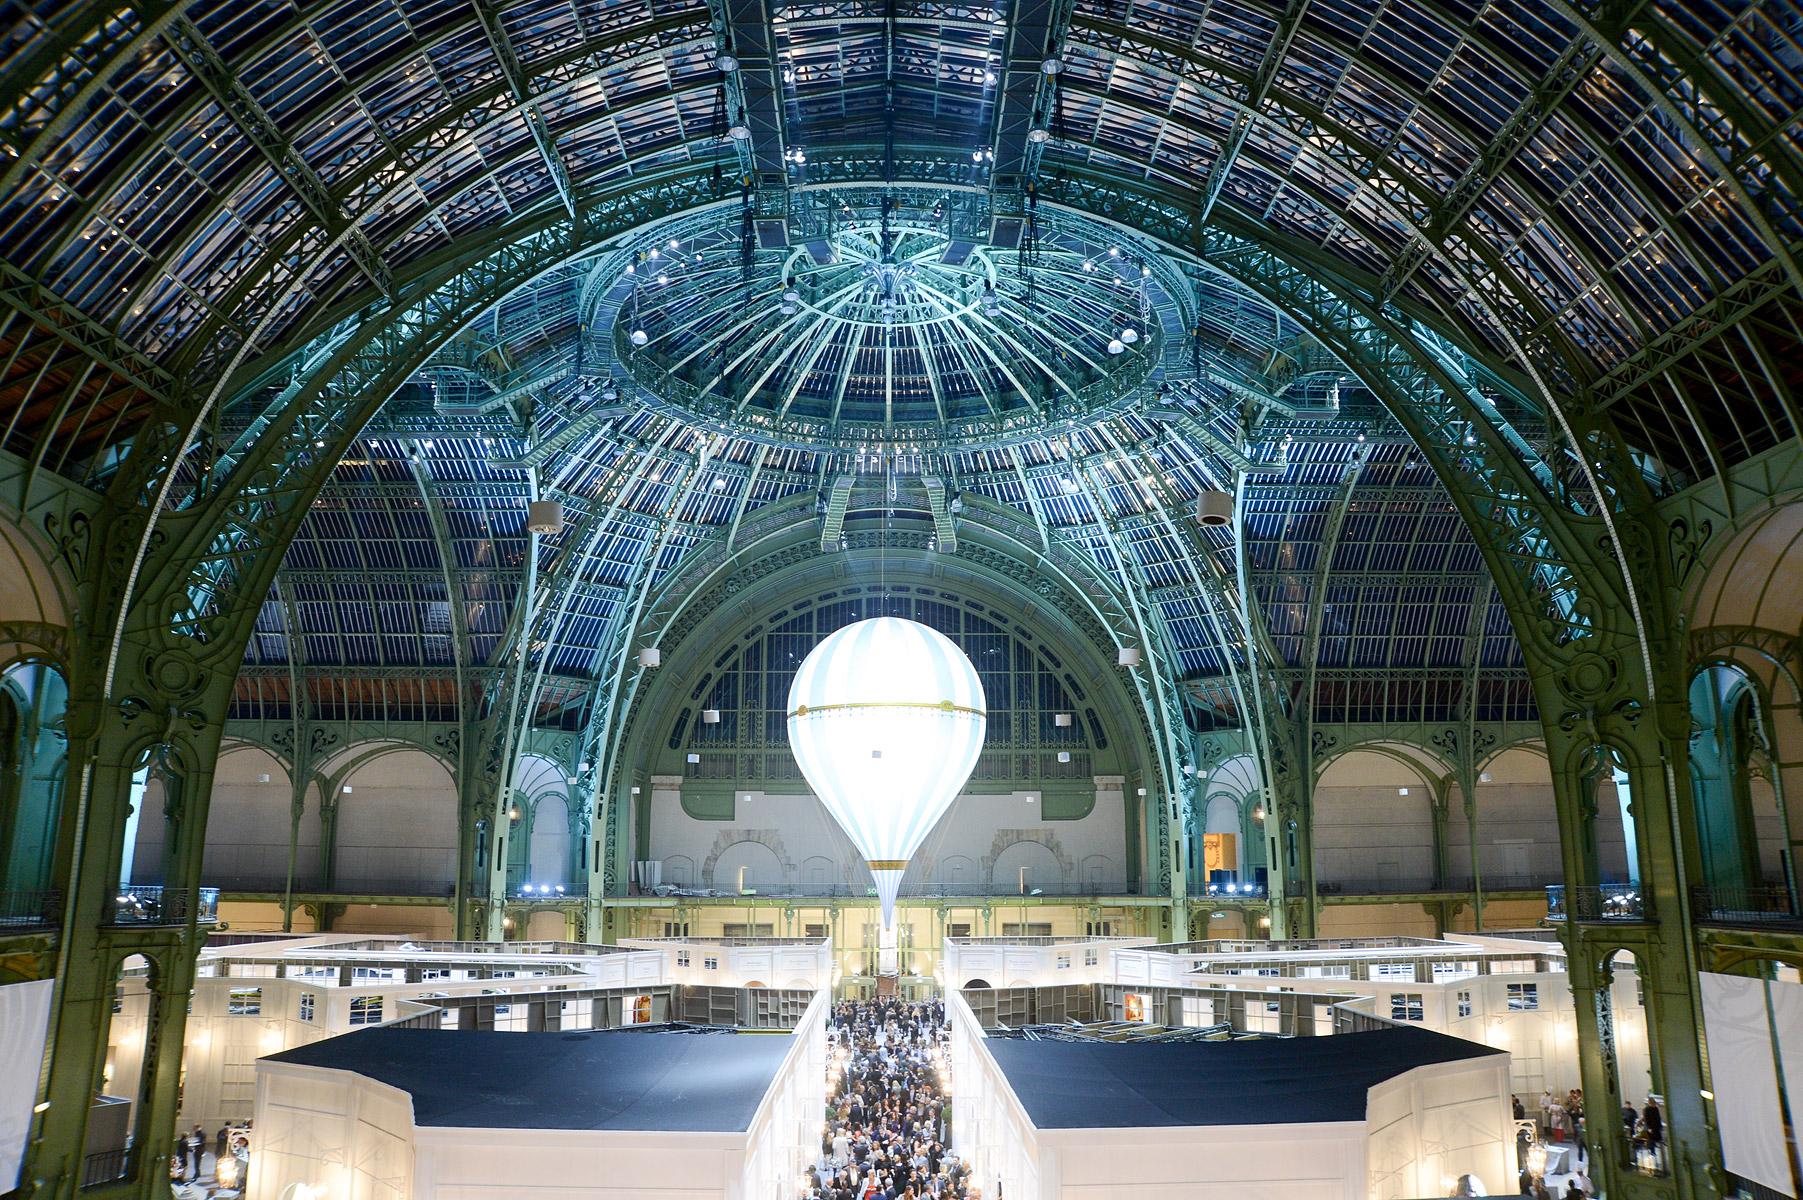 Biennale des Antiquaires, Grand Palais Parigi. Edizione 2012